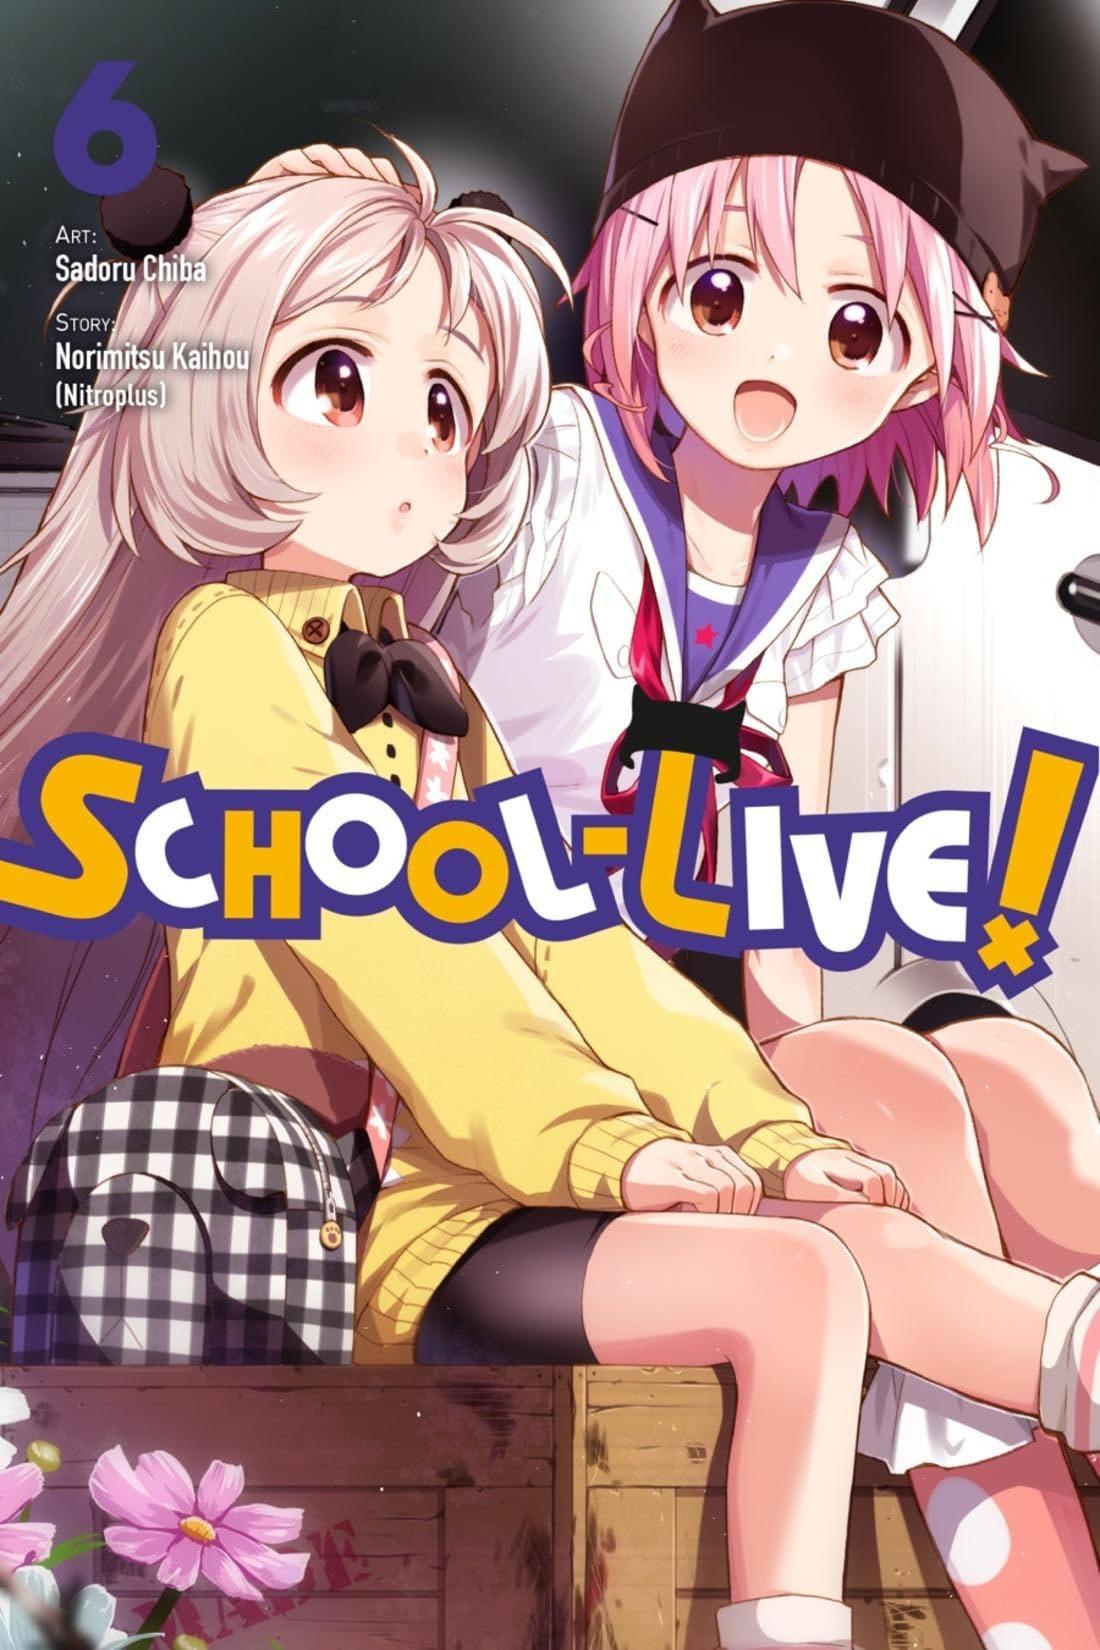 School-Live! Vol. 6